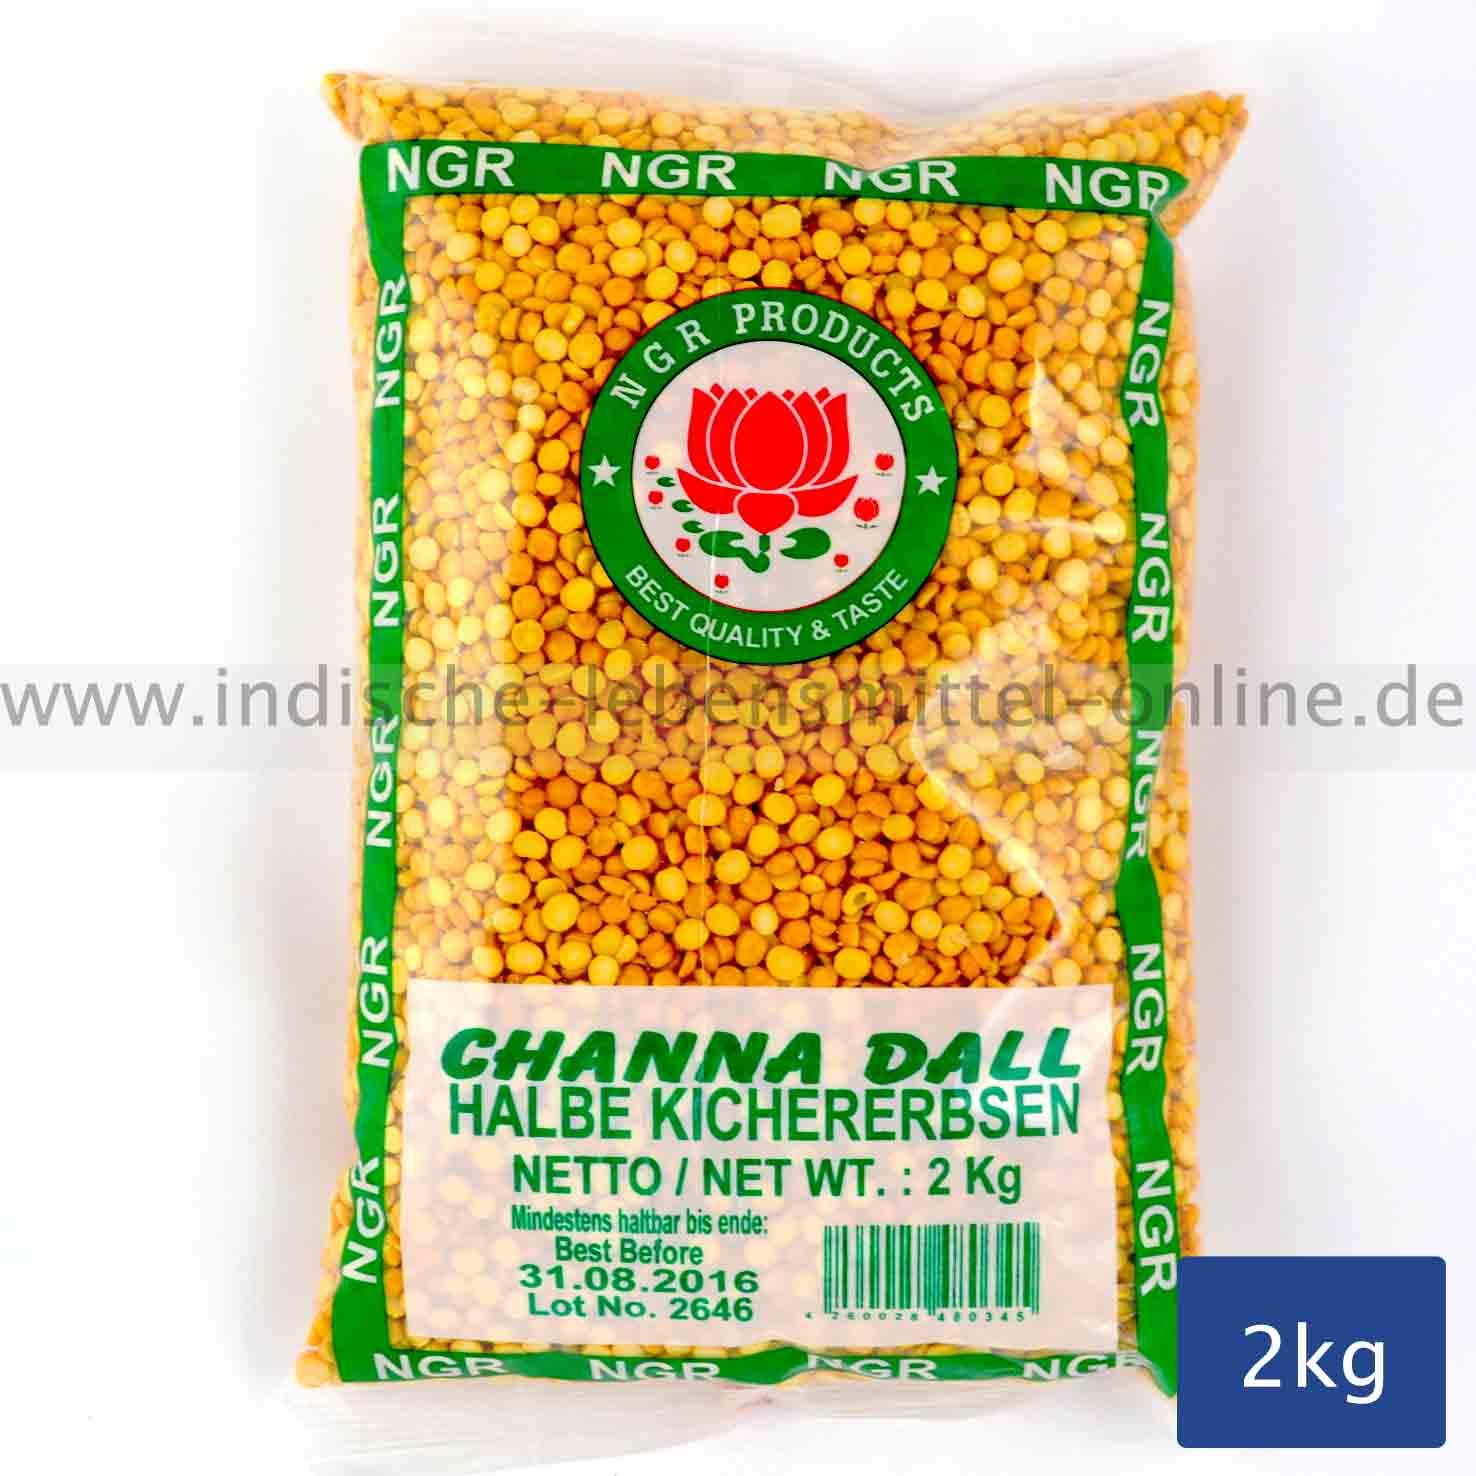 chana-dal-bengal-gram-kadalai-paruppu-channasplit-ngr-2kg